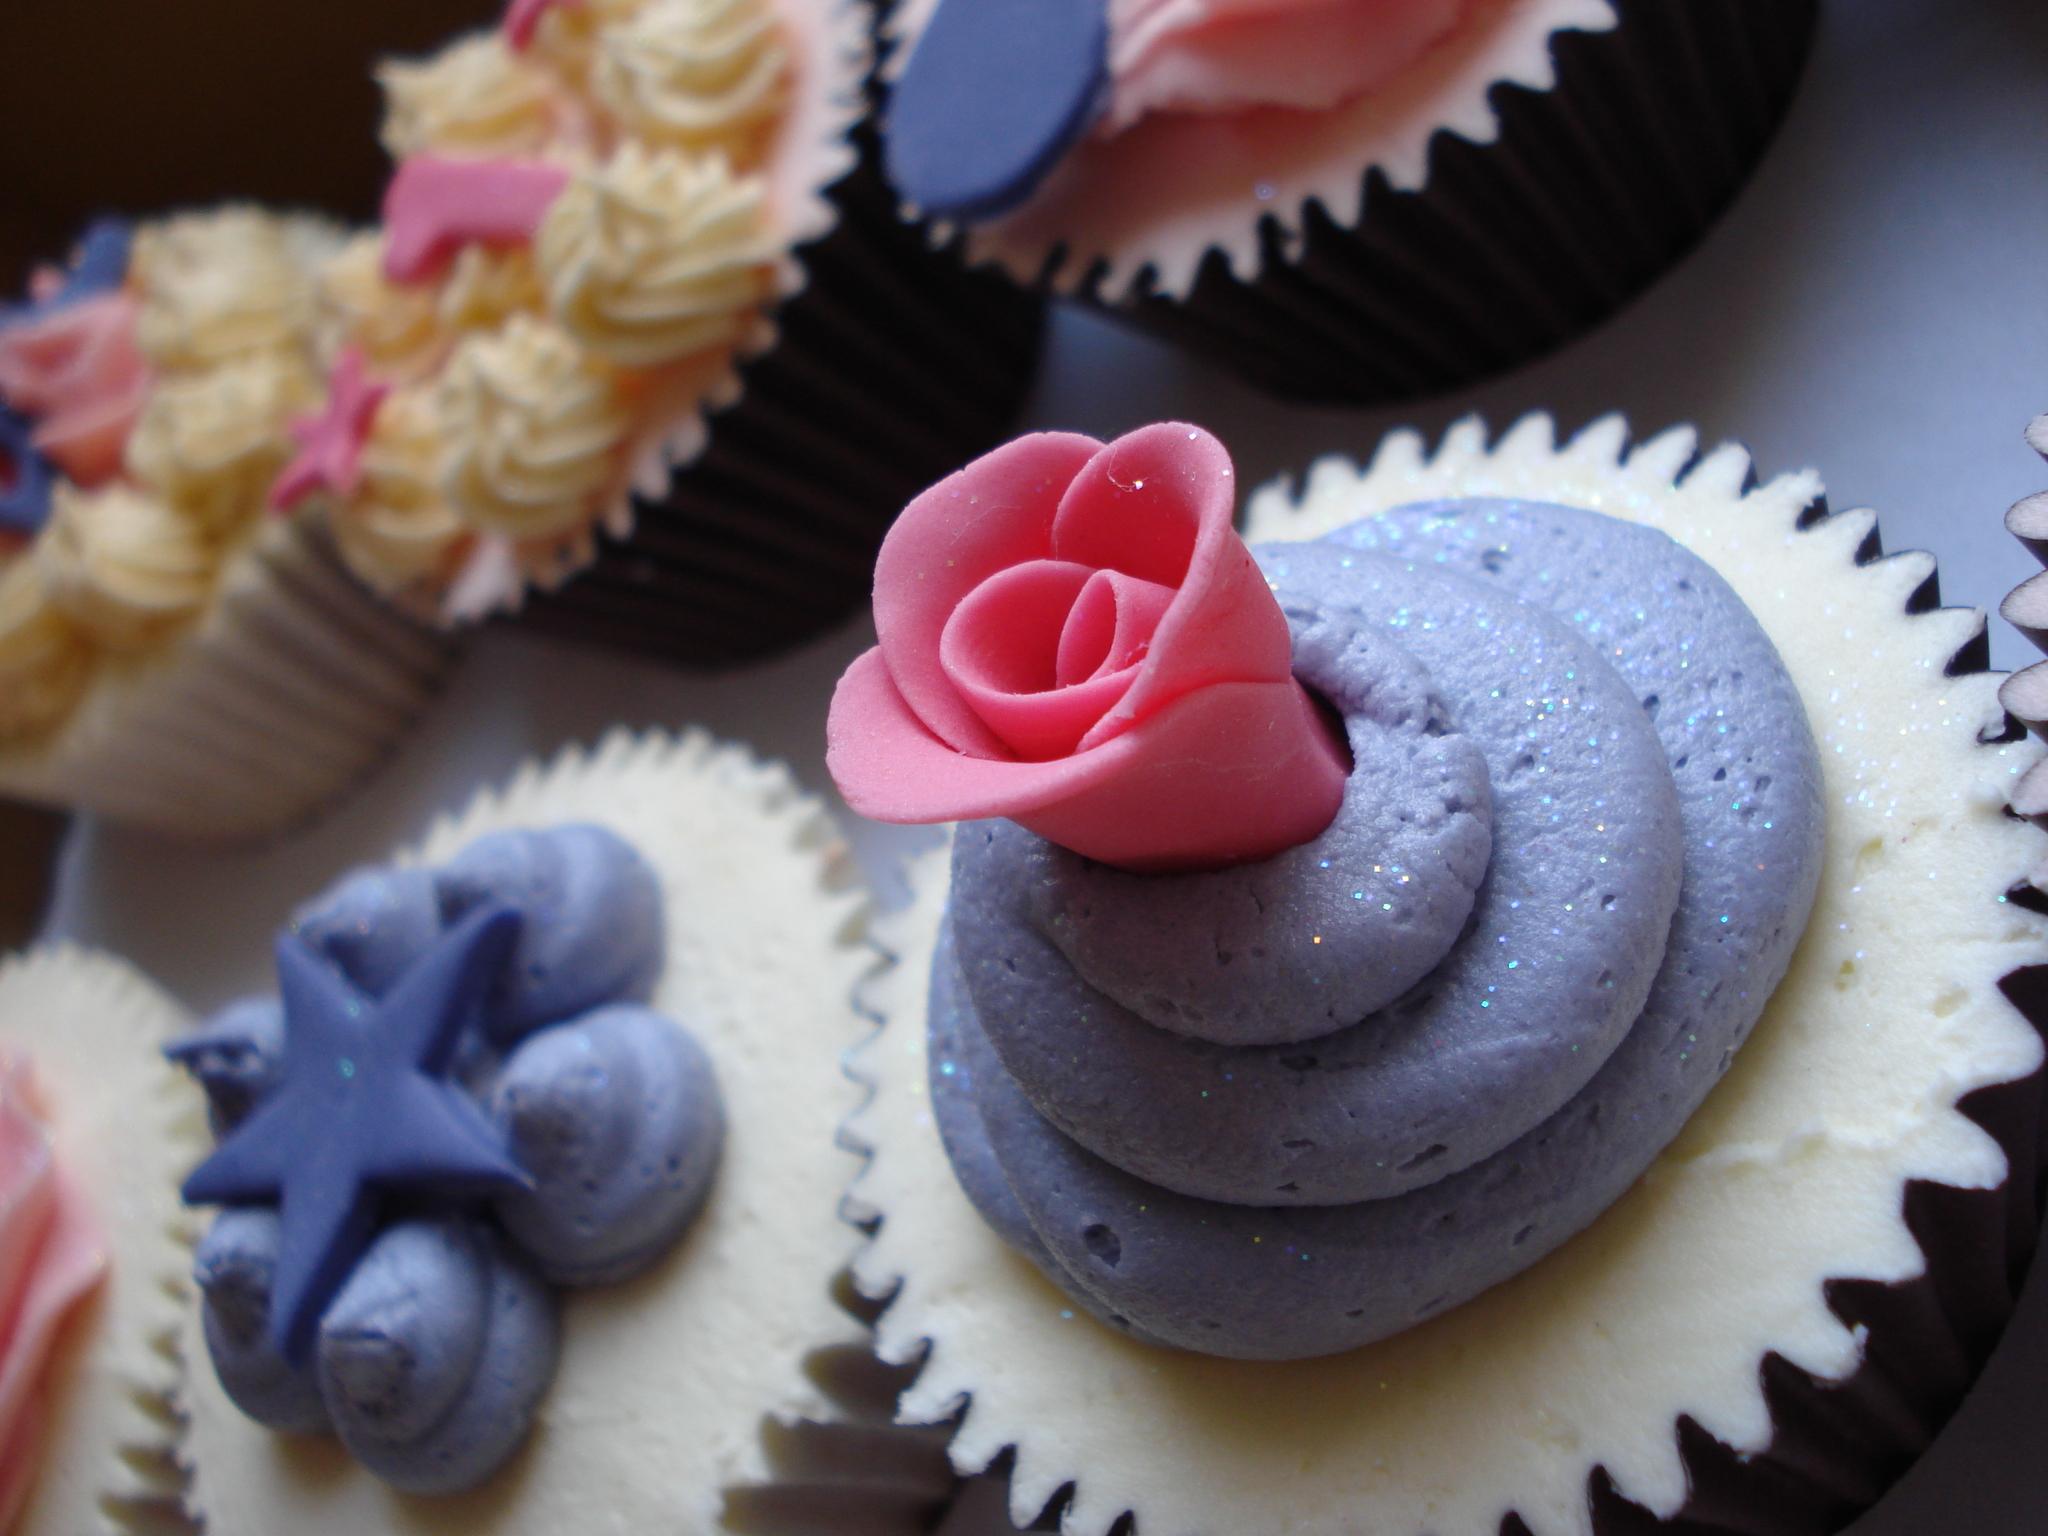 The pink rose cupcake